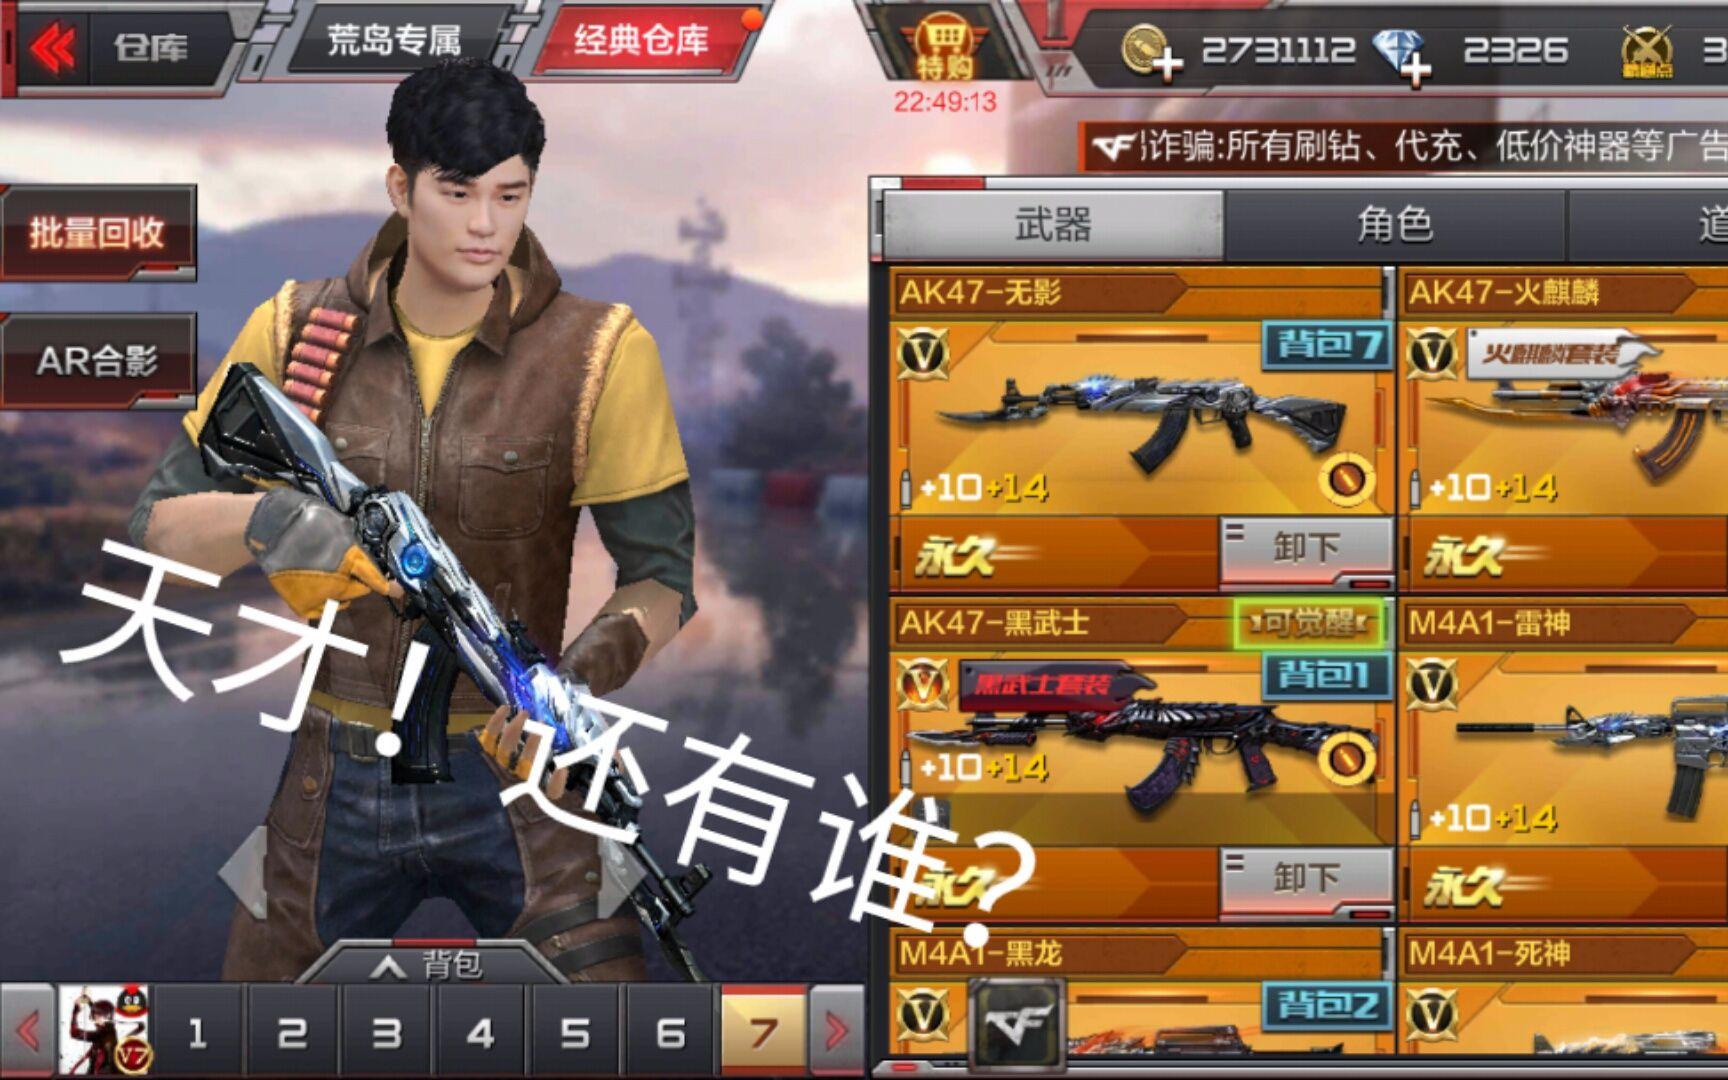 CF手游:新角色陈赫击杀语音声音不要太天才!